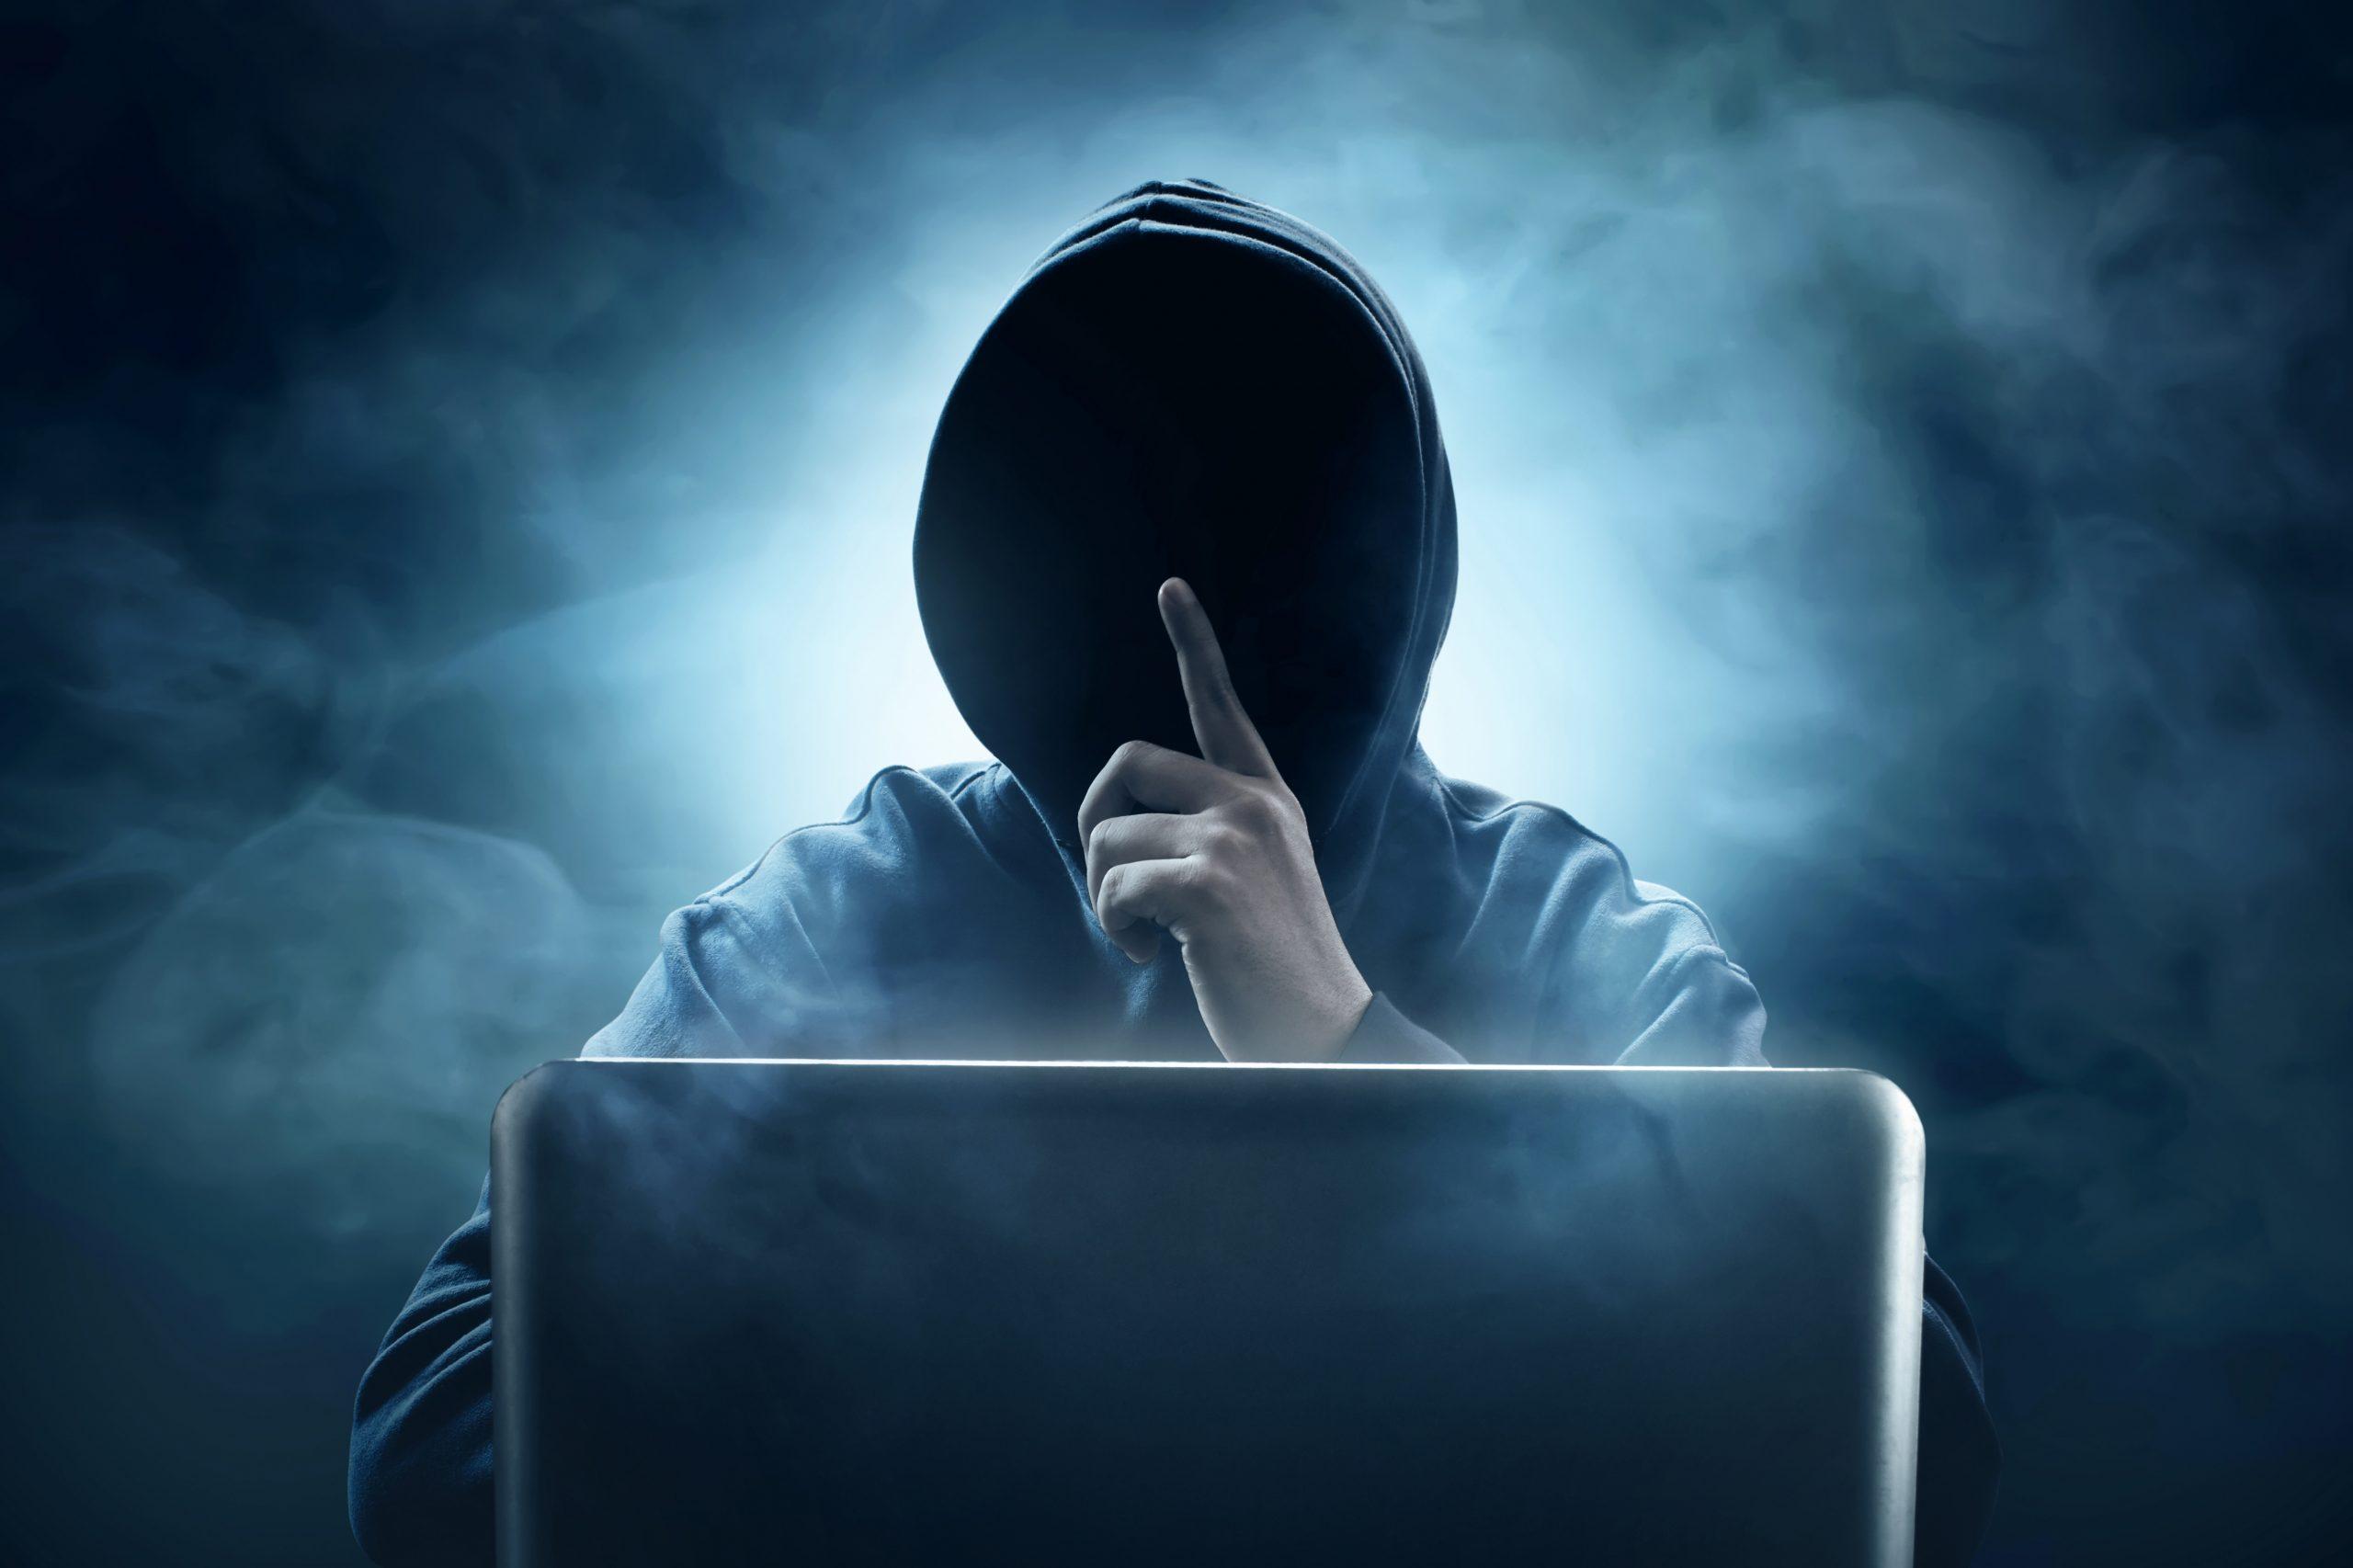 Datenschutzverletzung in Apotheke durch Hacker-Angriff